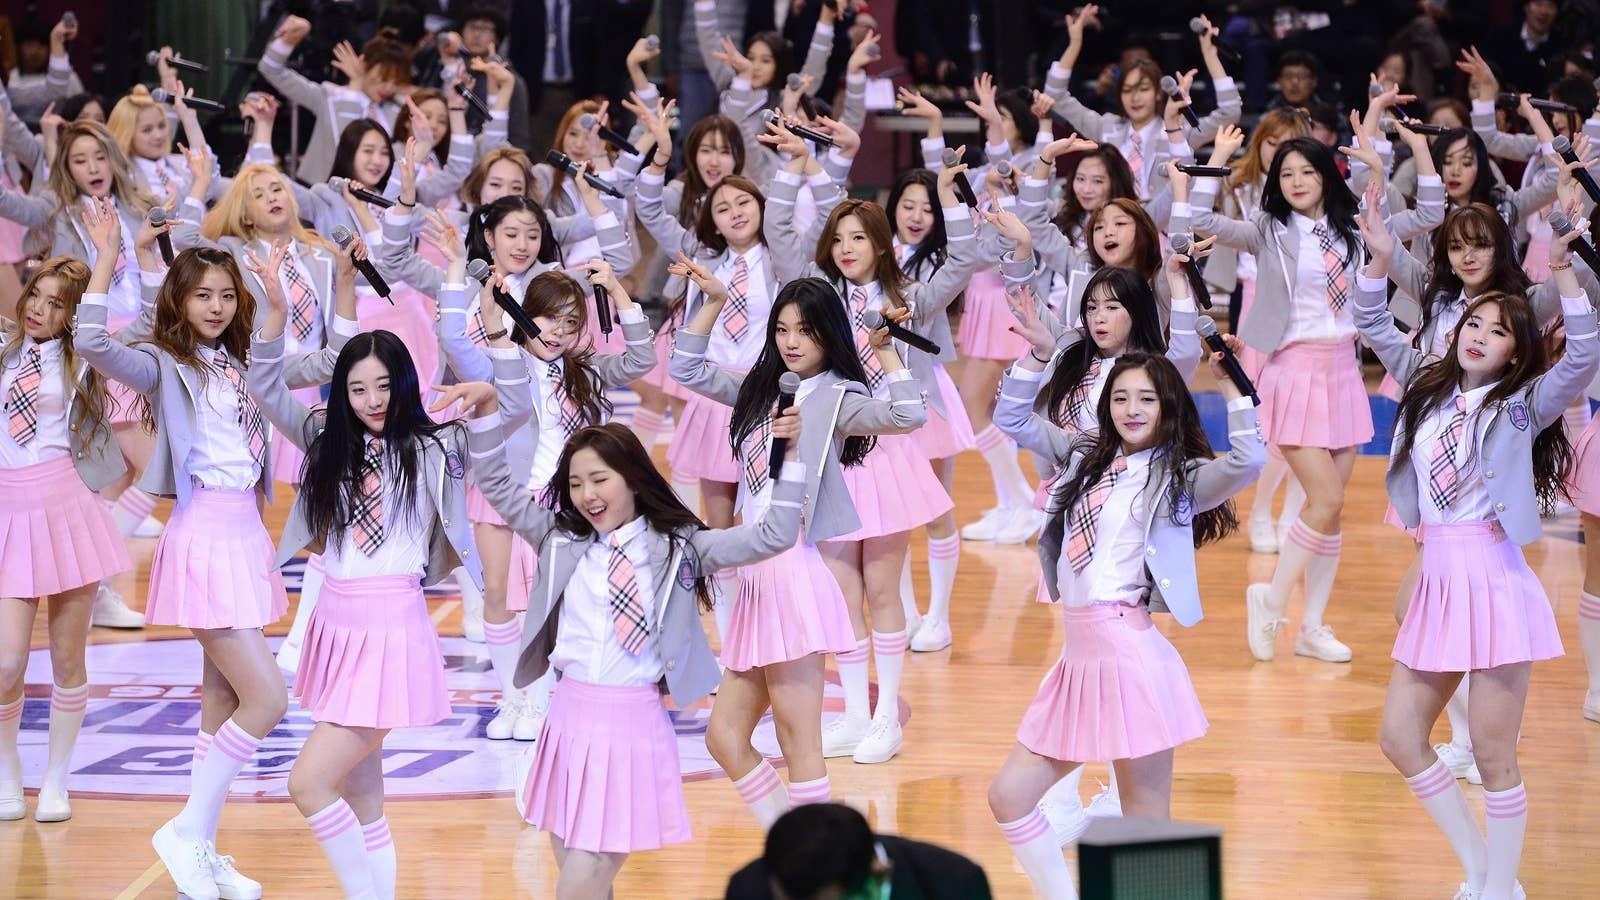 Cách giảm cân gây shock của idol Hàn: Nhớ kcal từng món ăn, uống thuốc chống tăng cân đến choáng váng - Ảnh 1.